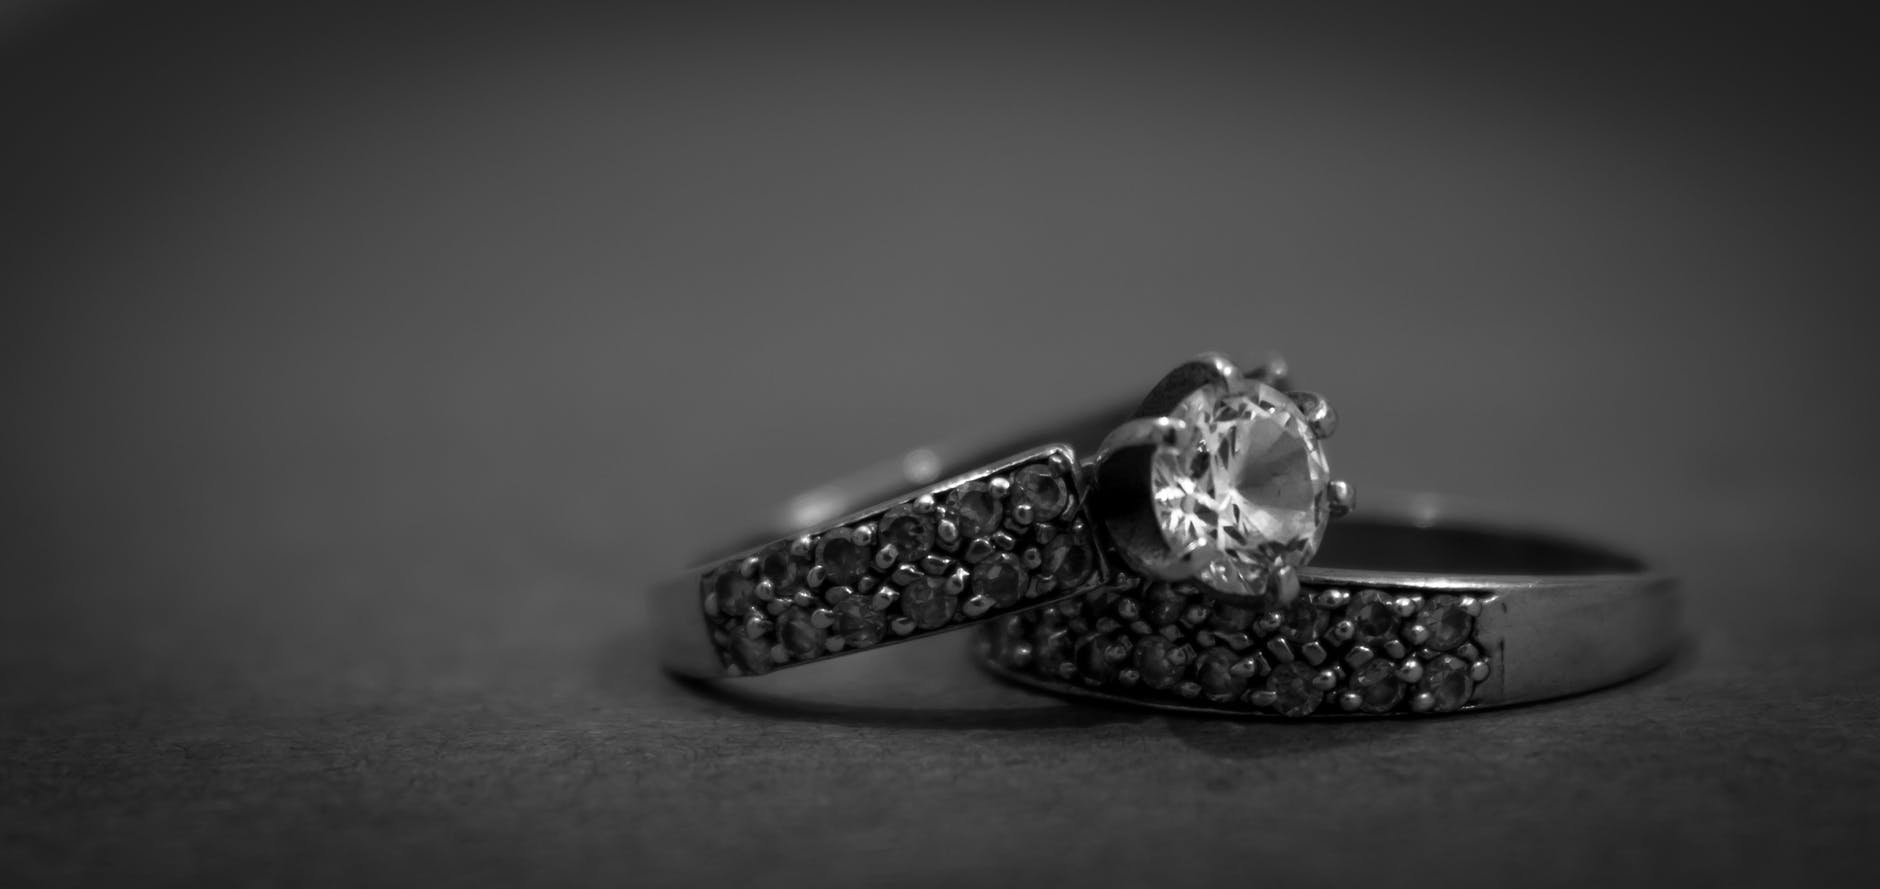 Šperky, ktoré vám pomôžu vyjadriť sa!